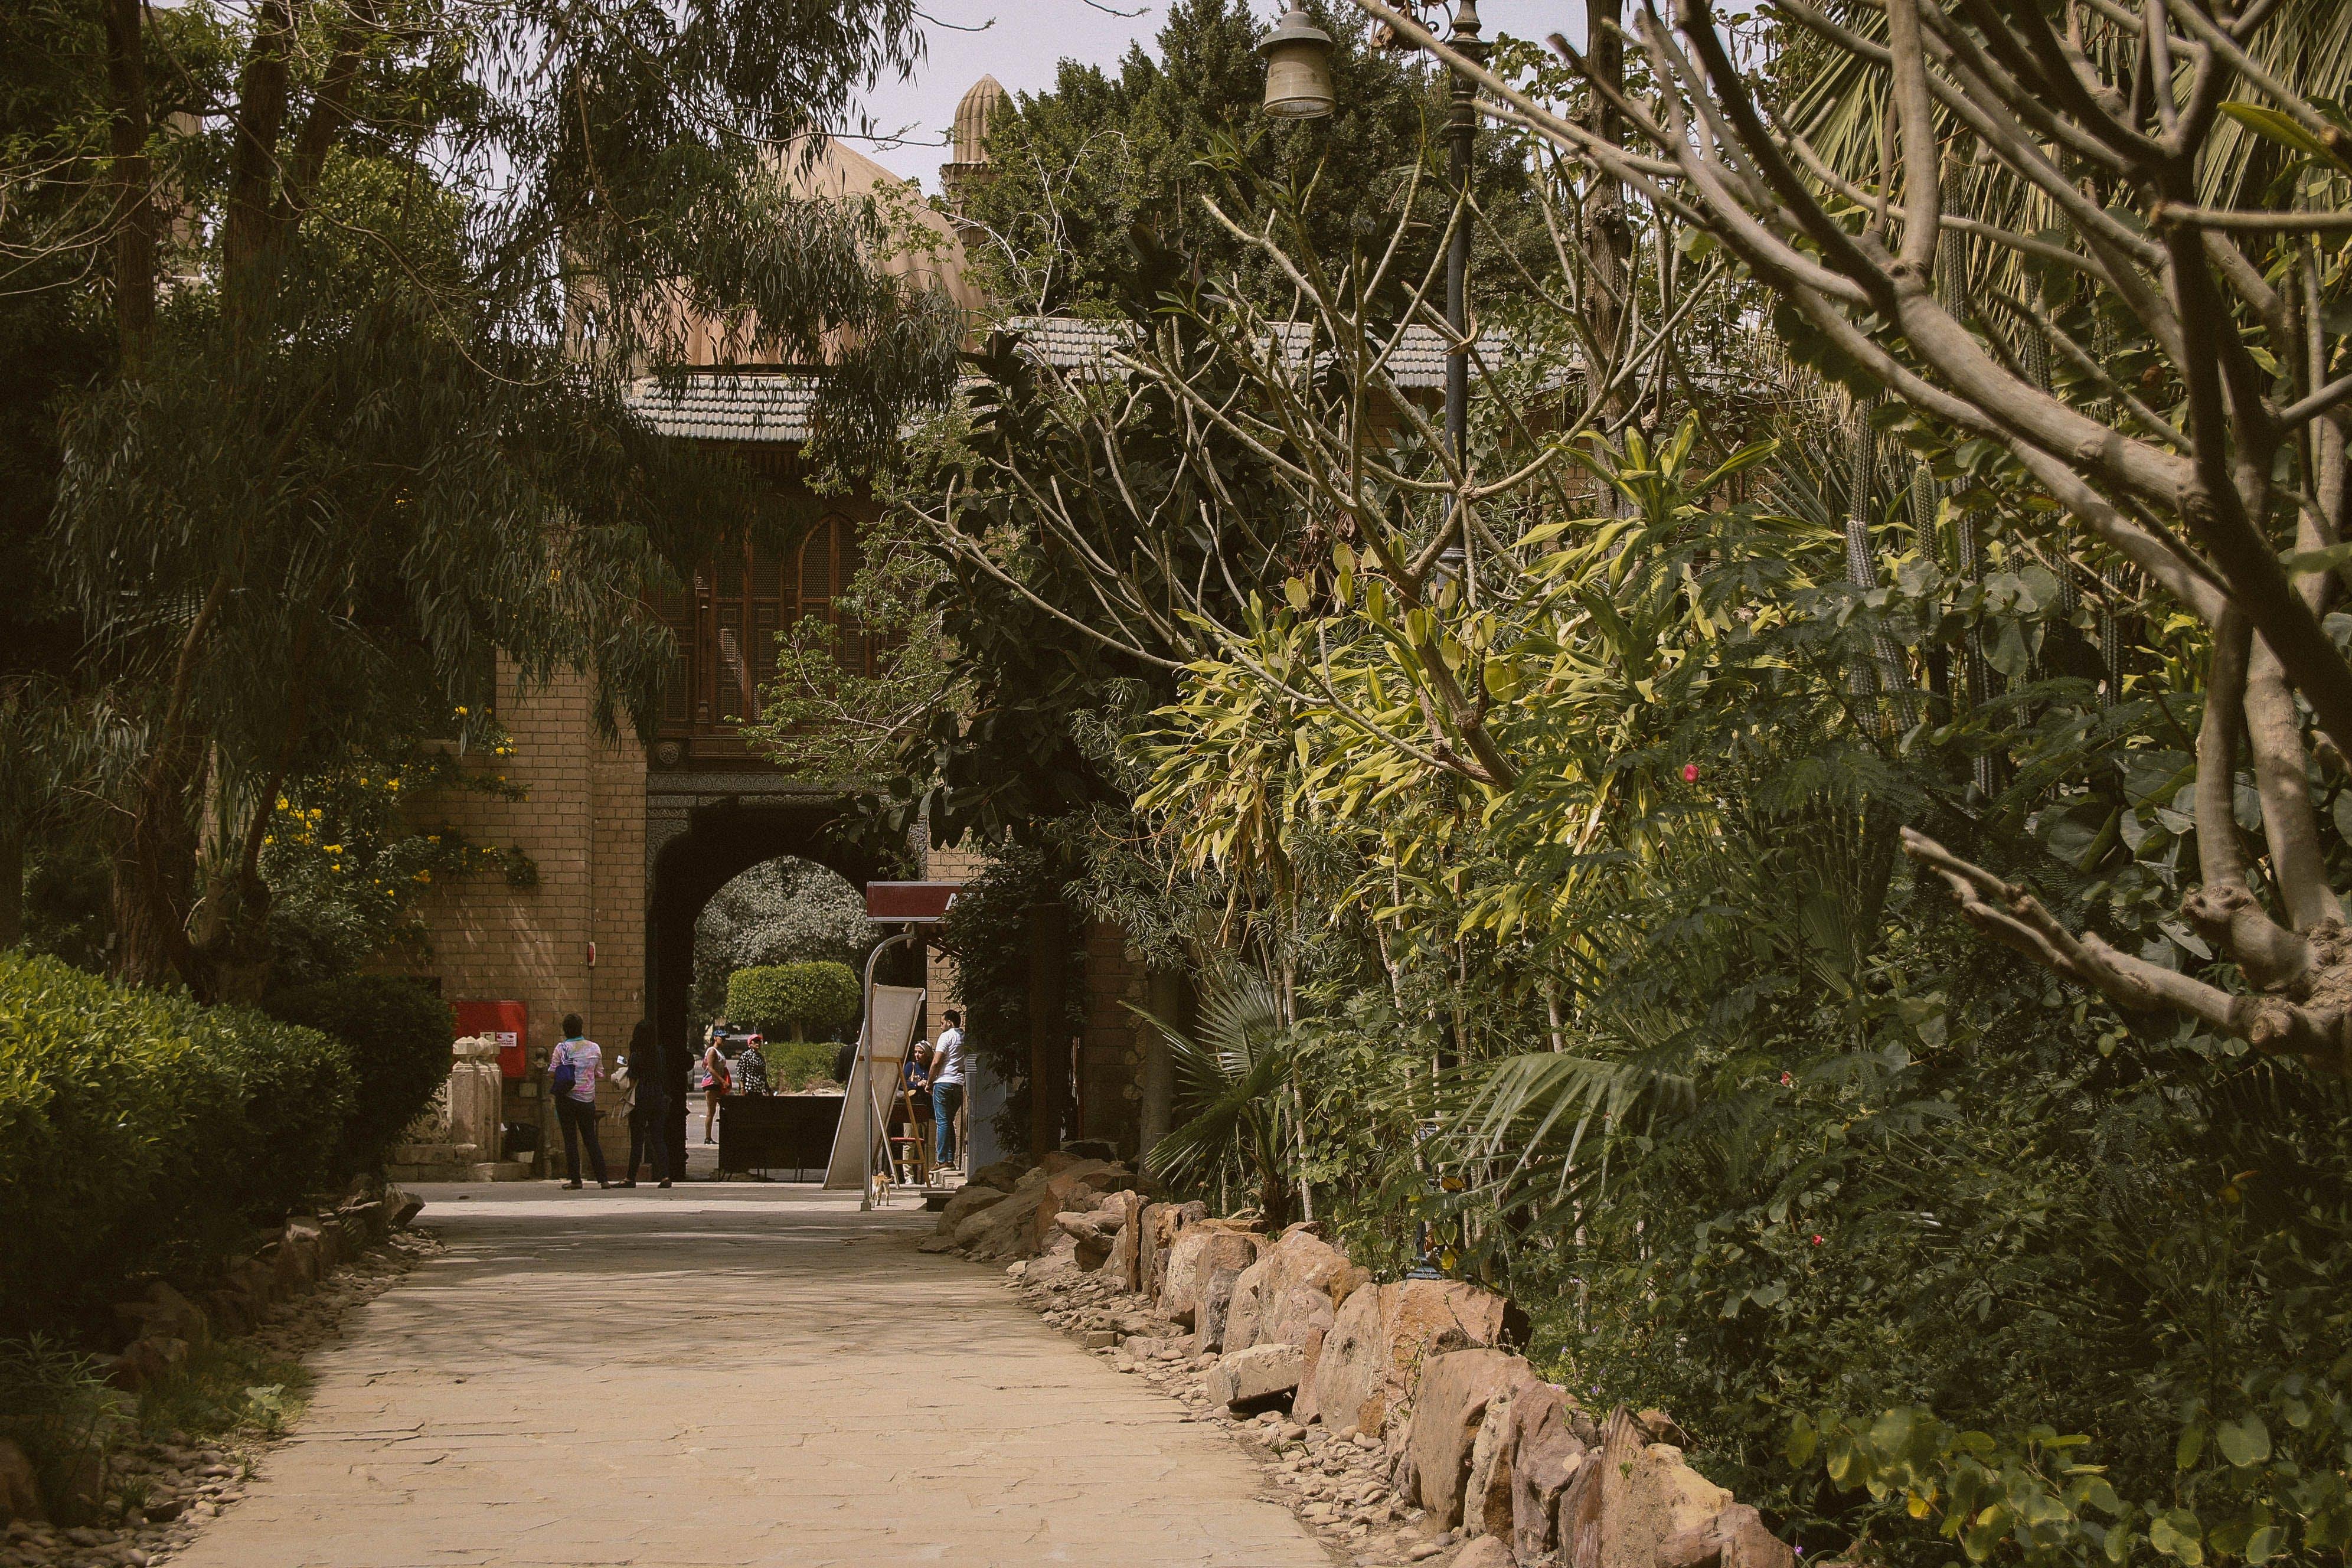 人, 入口, 公園, 原本 的 免費圖庫相片